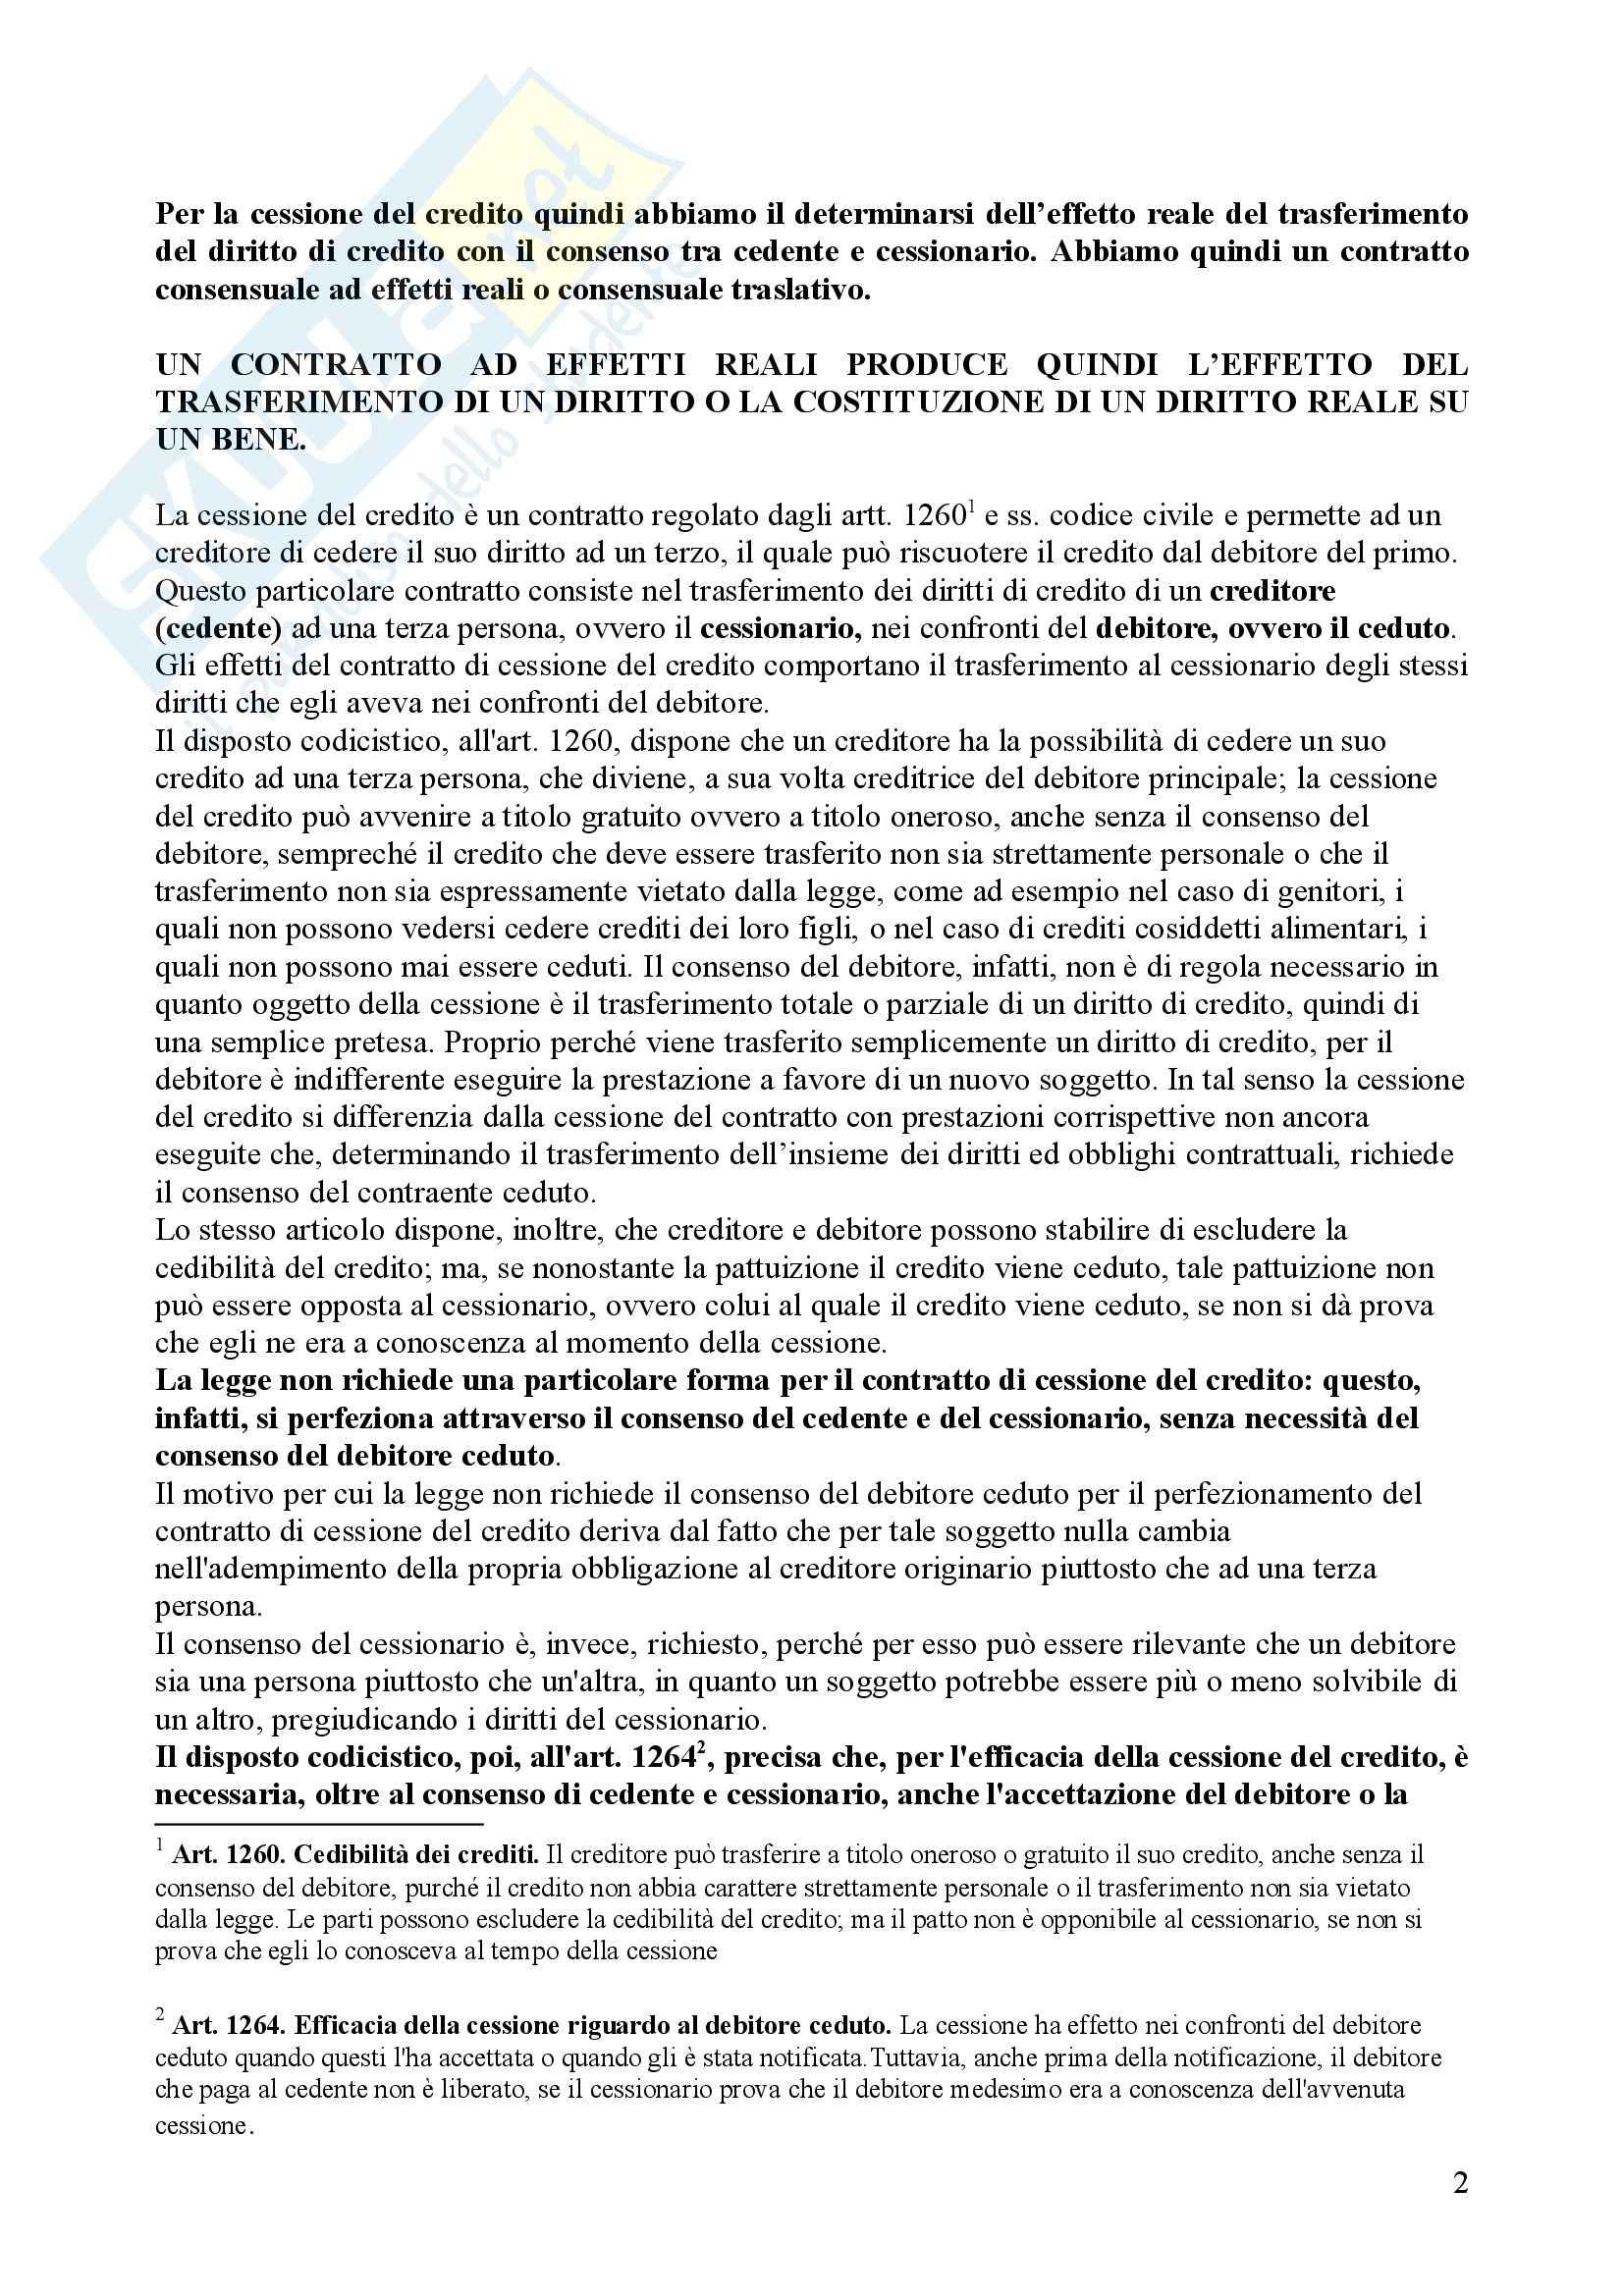 Diritto commerciale - cessione del credito Pag. 2